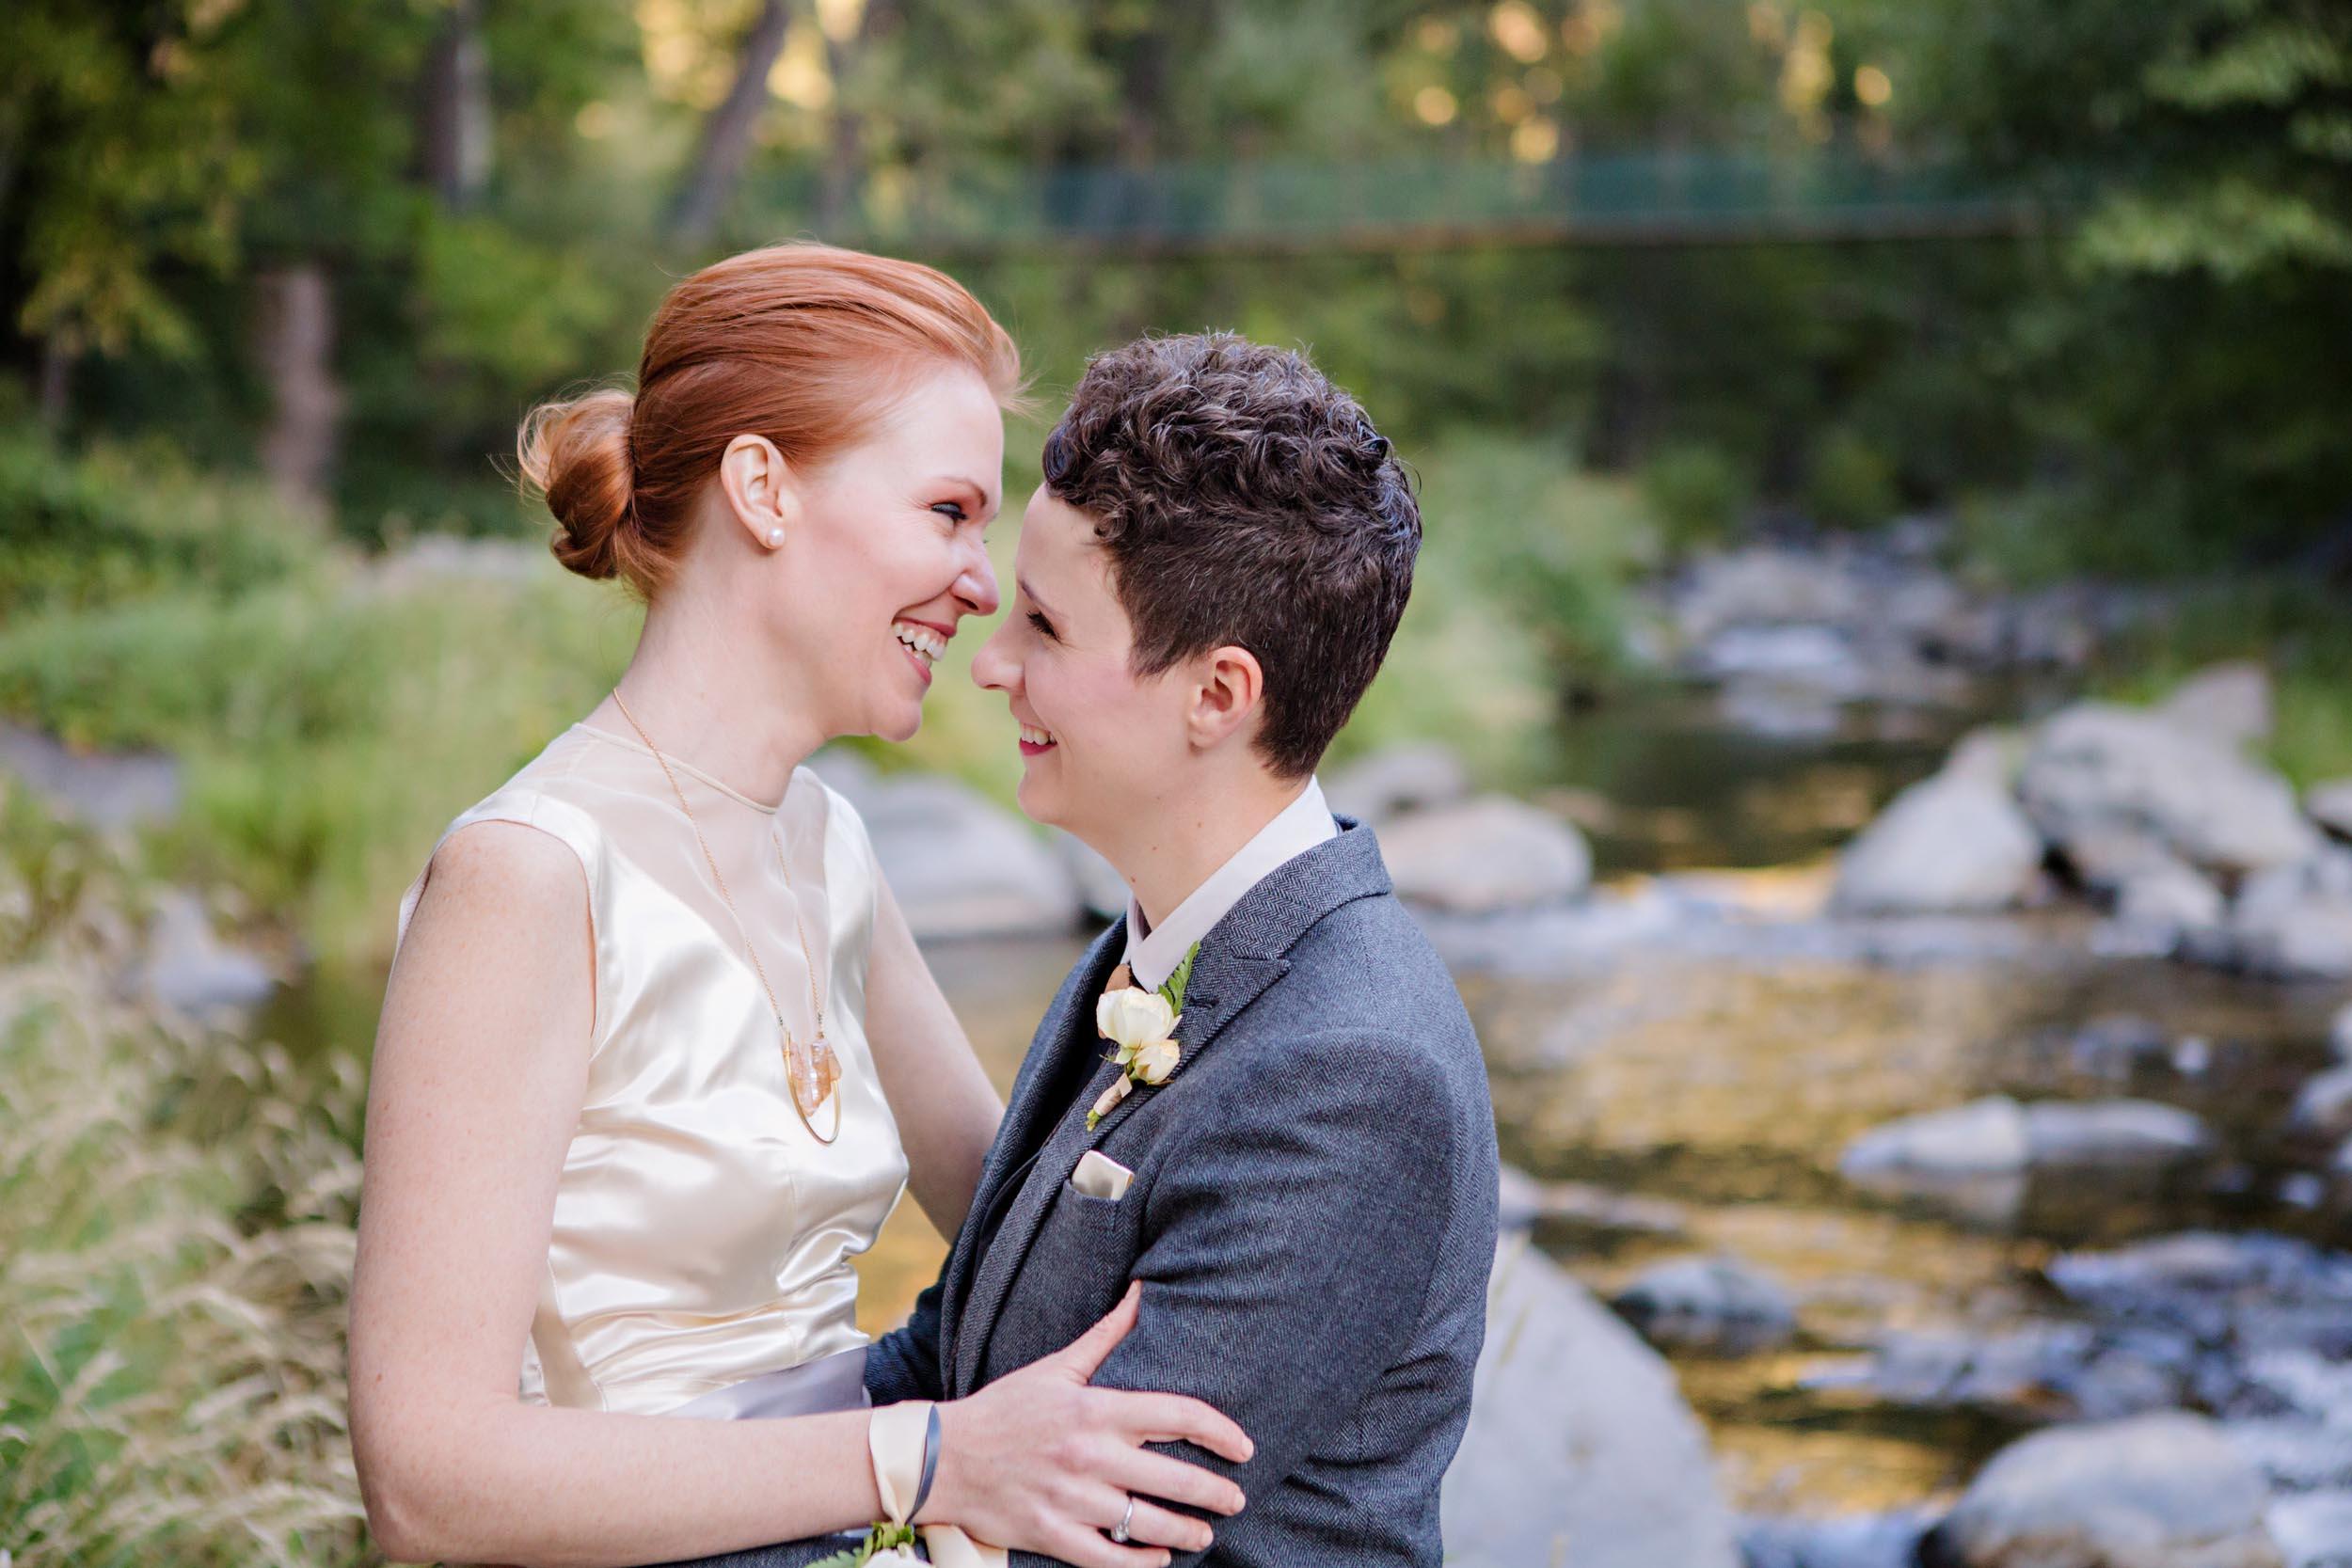 weddings-oakcreek-12.jpg